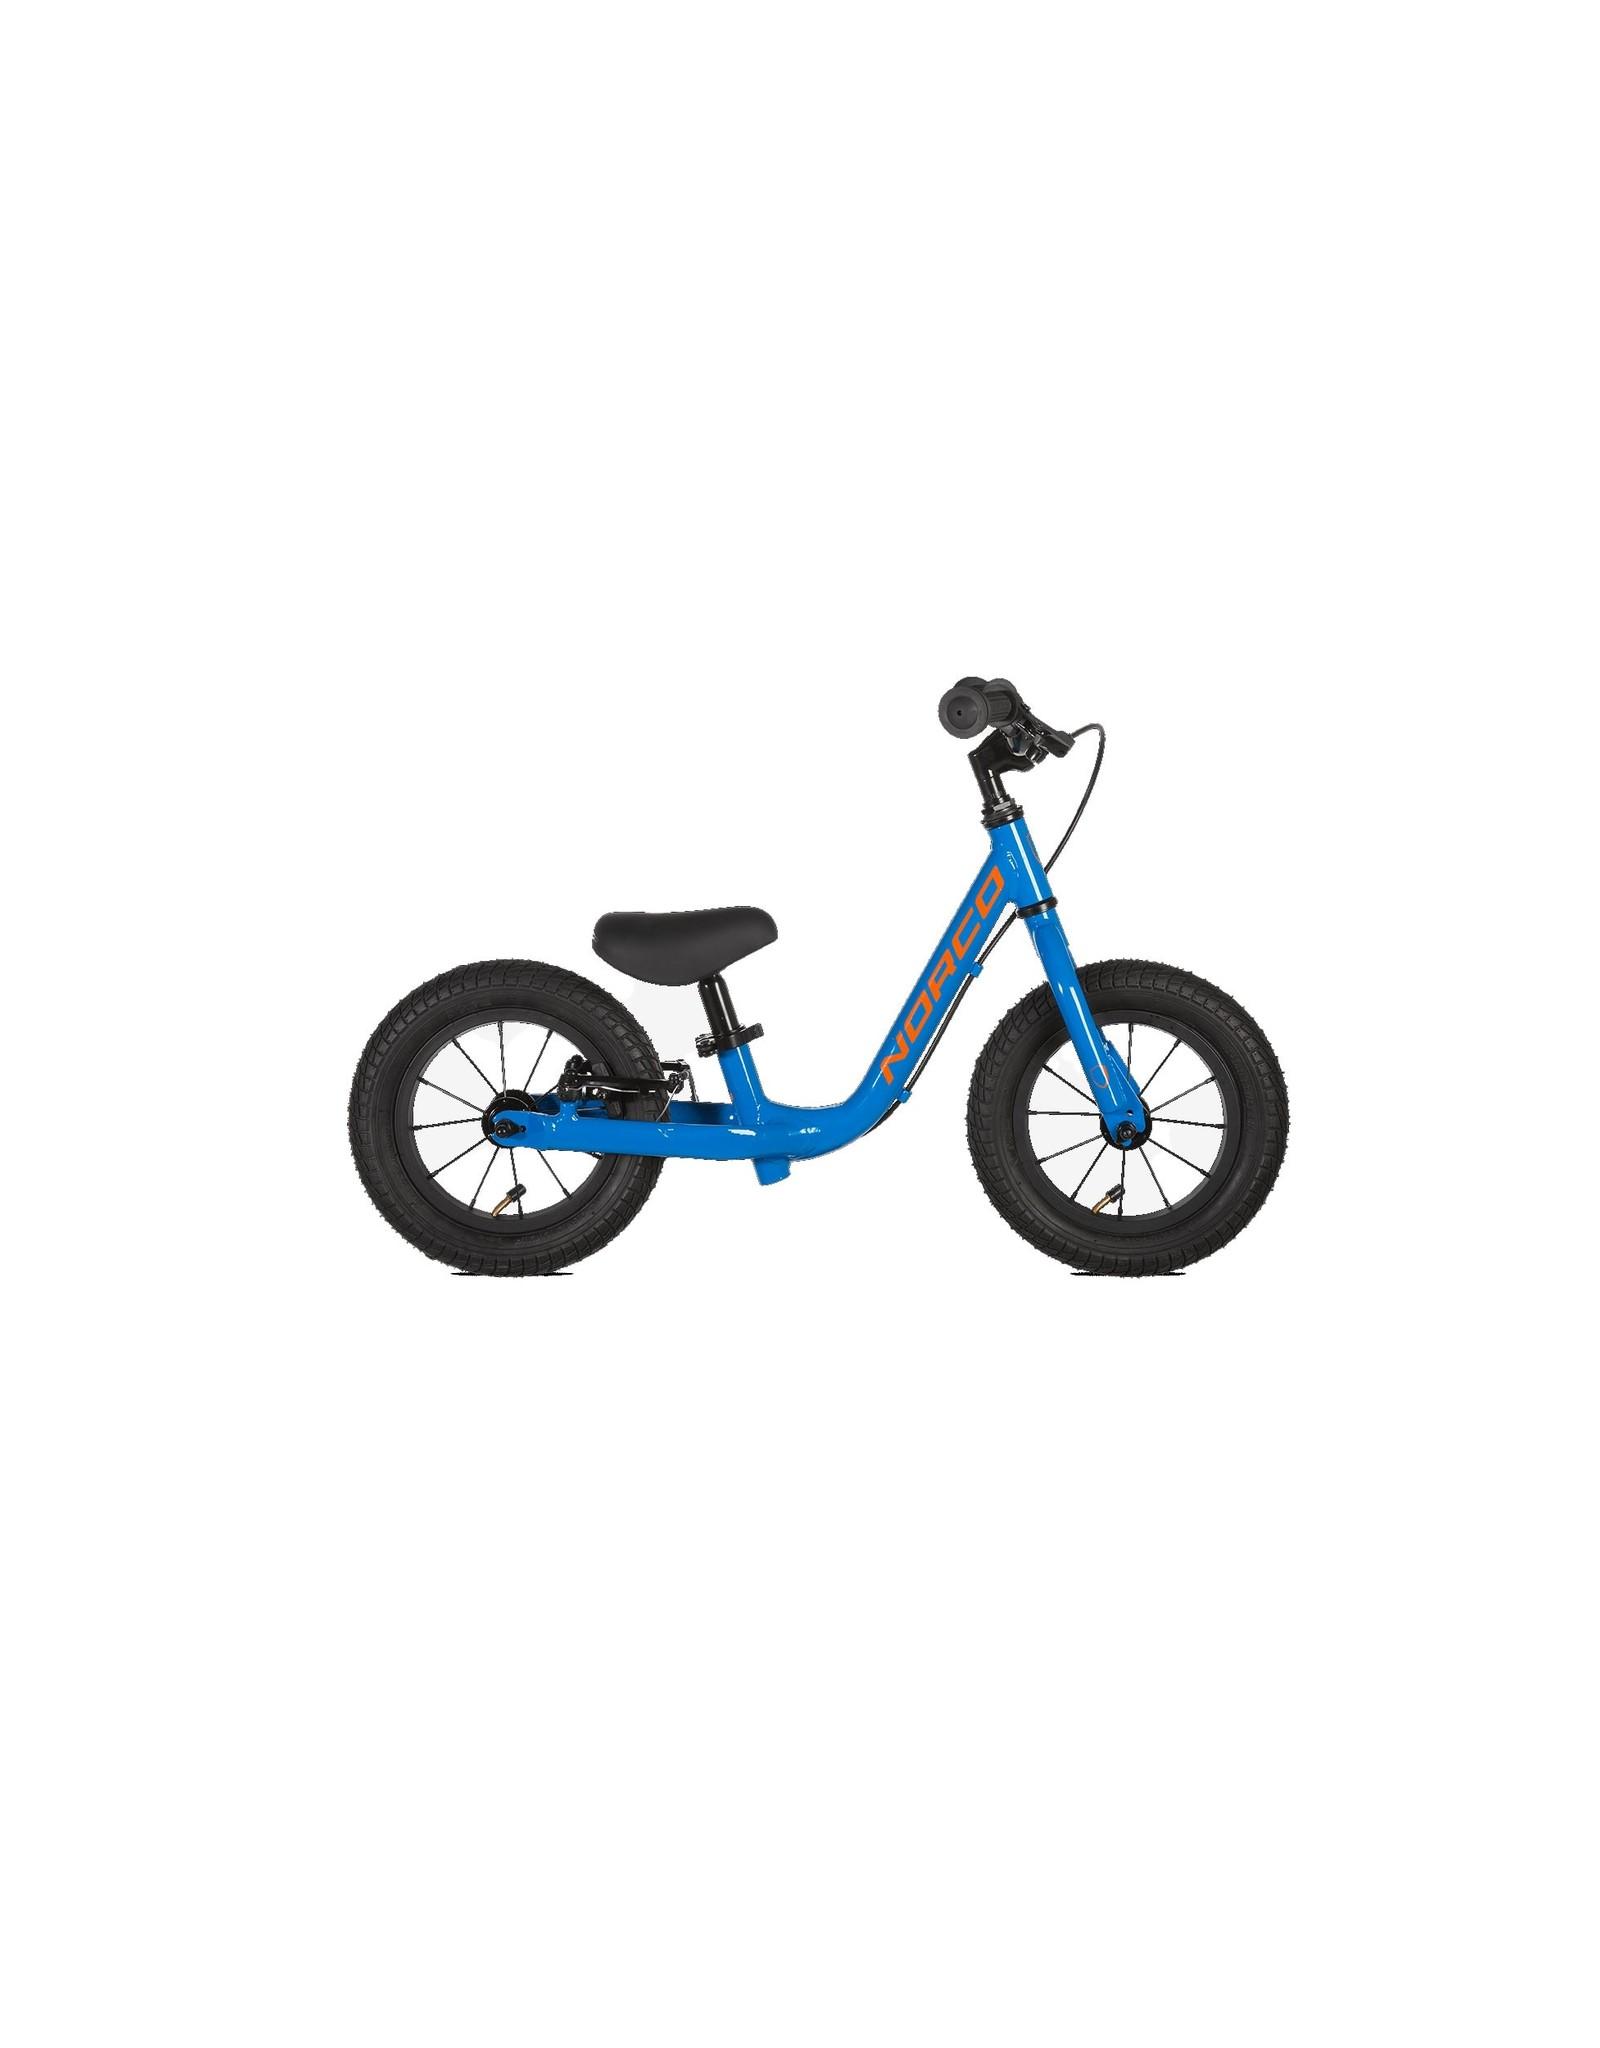 Norco Vélo Norco Runner 12 2021